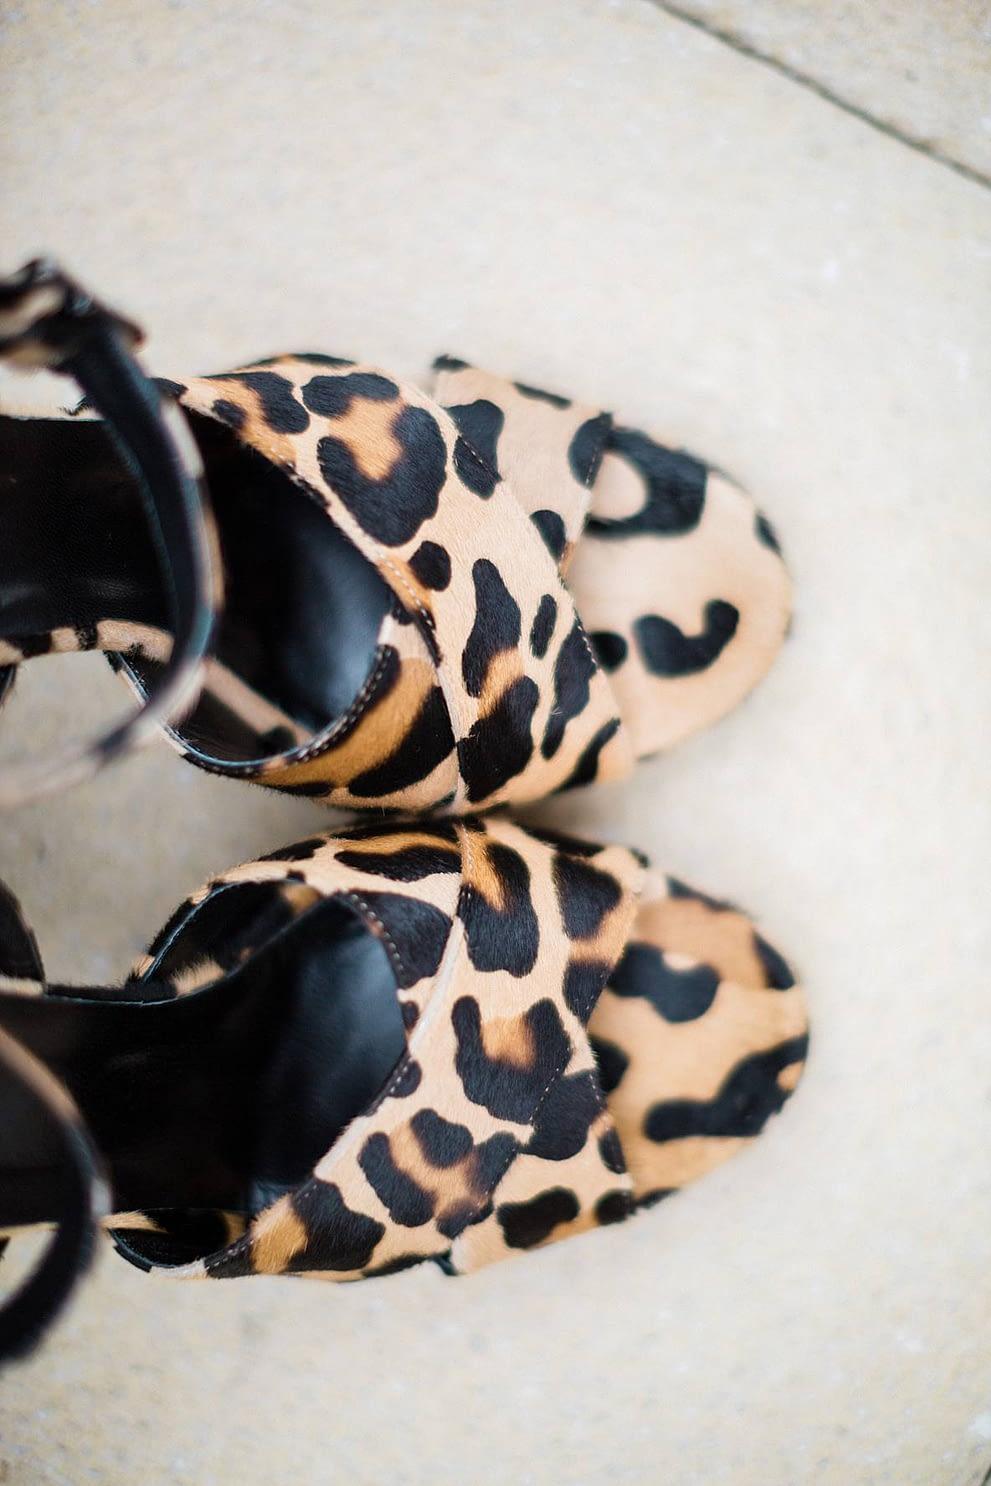 pattern wedding shoes gloucestershire wedding photographer